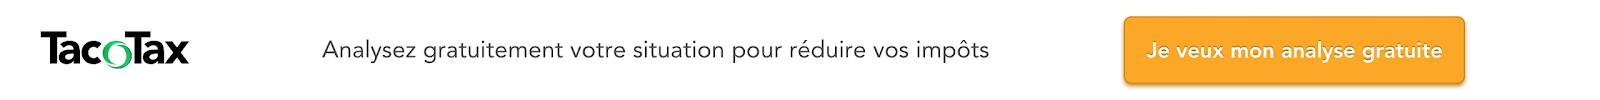 Tacotax, par exemple, permet de réduire ses impôts